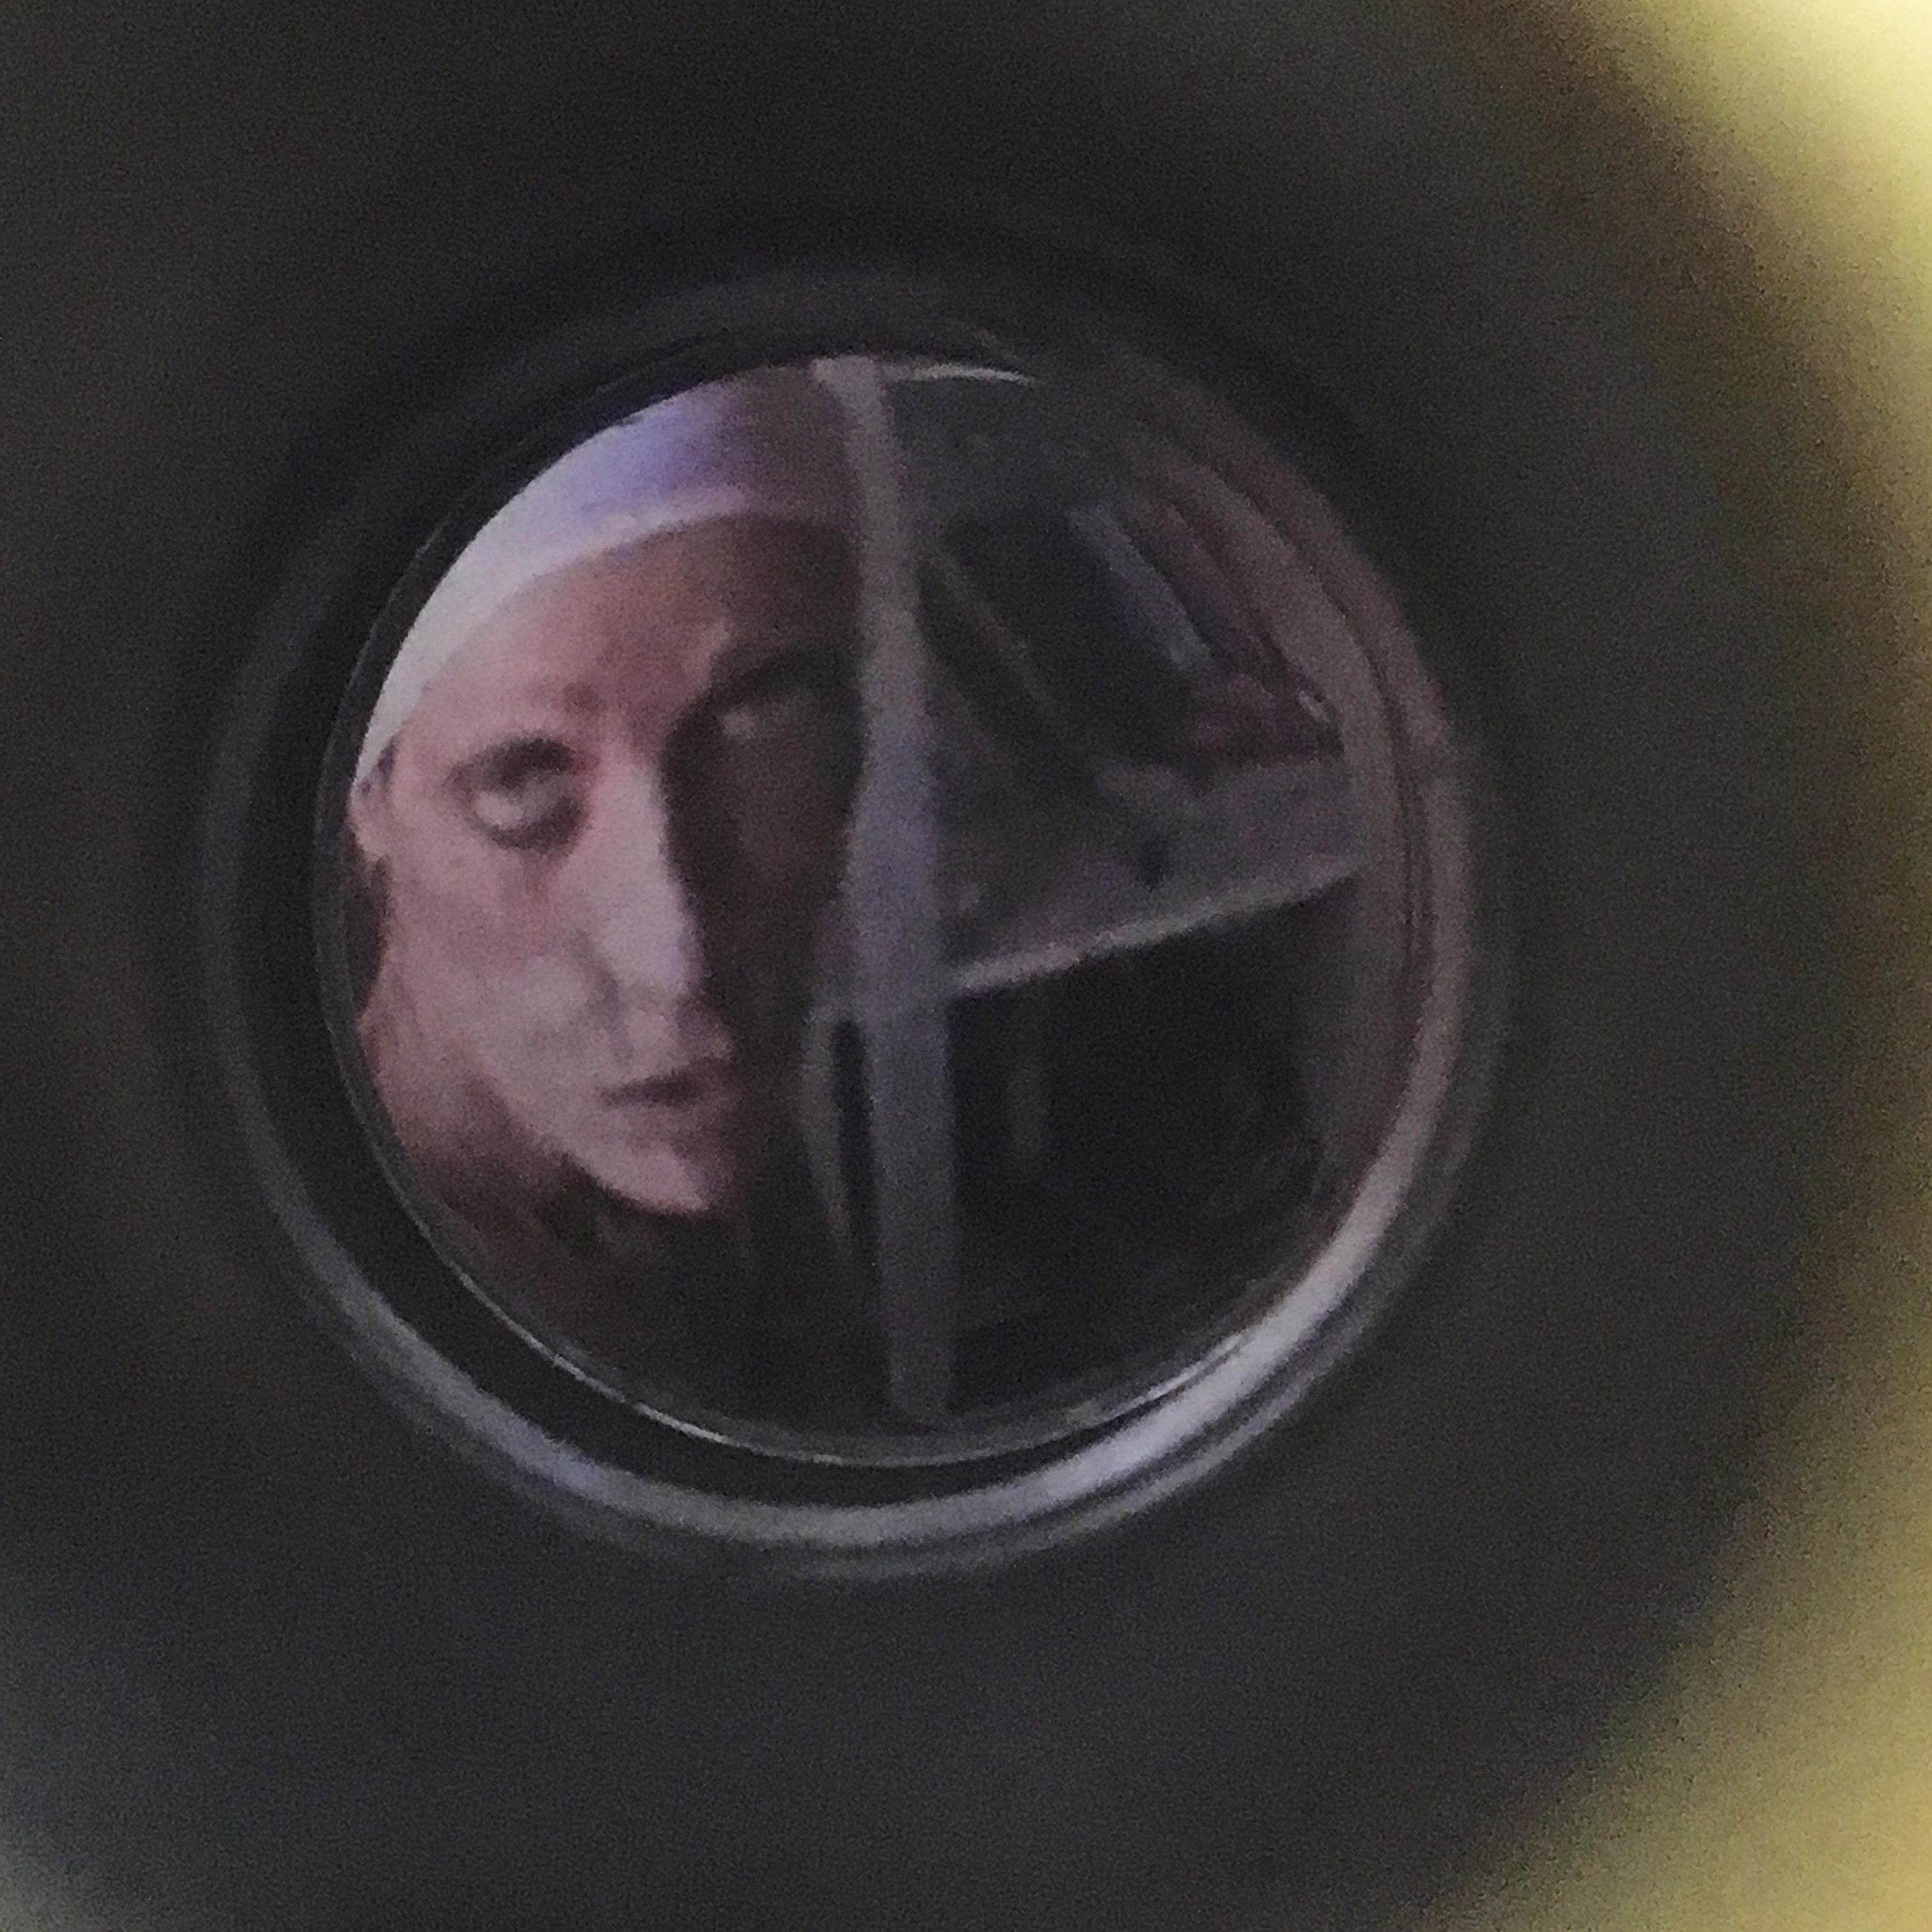 As seen through the spy-hole